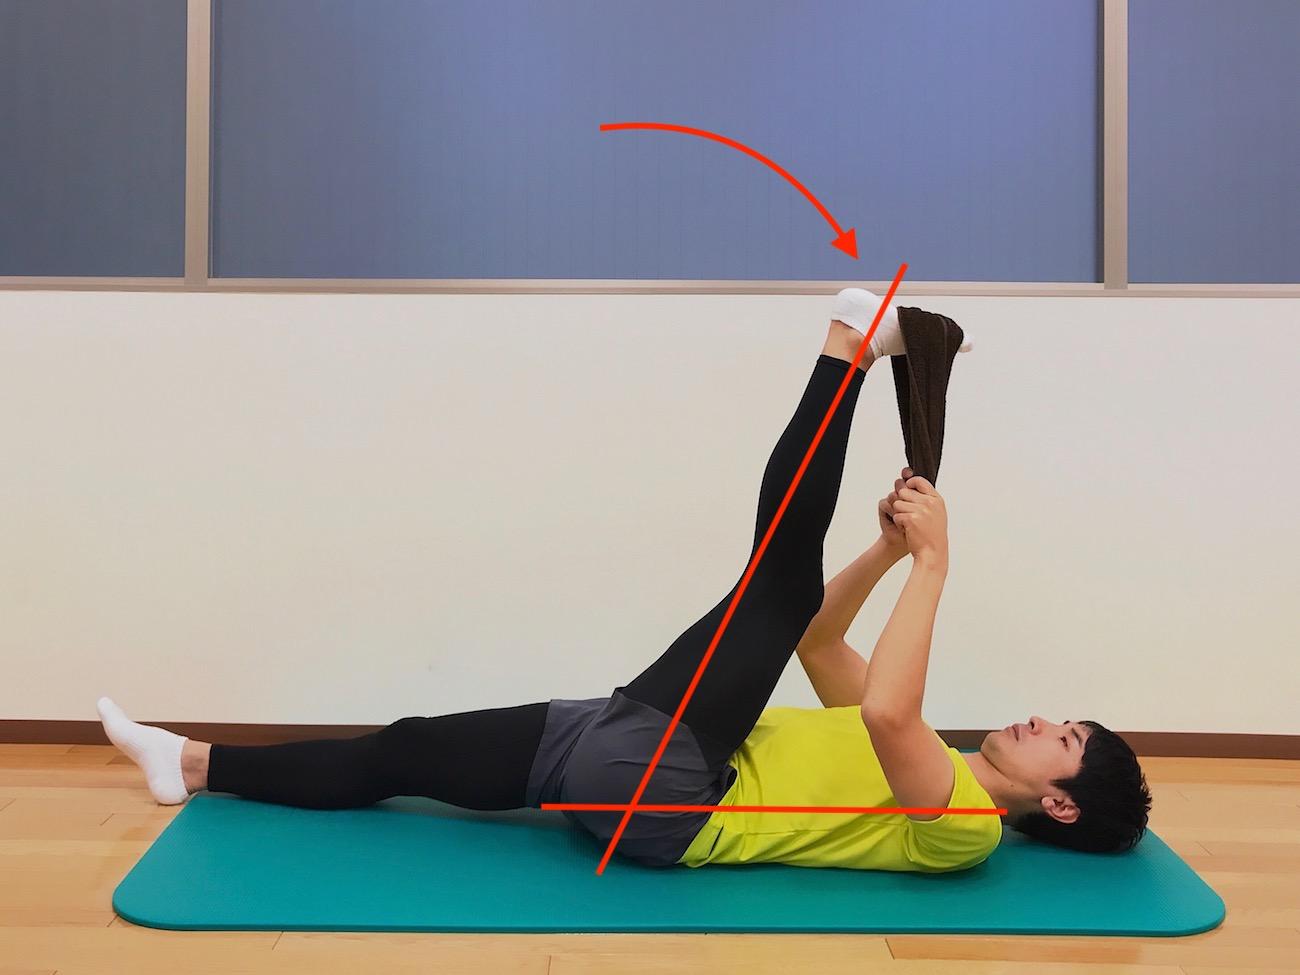 仰向けの姿勢でタオルを使って行うもも裏の筋肉(ハムストリングス)のストレッチの方法